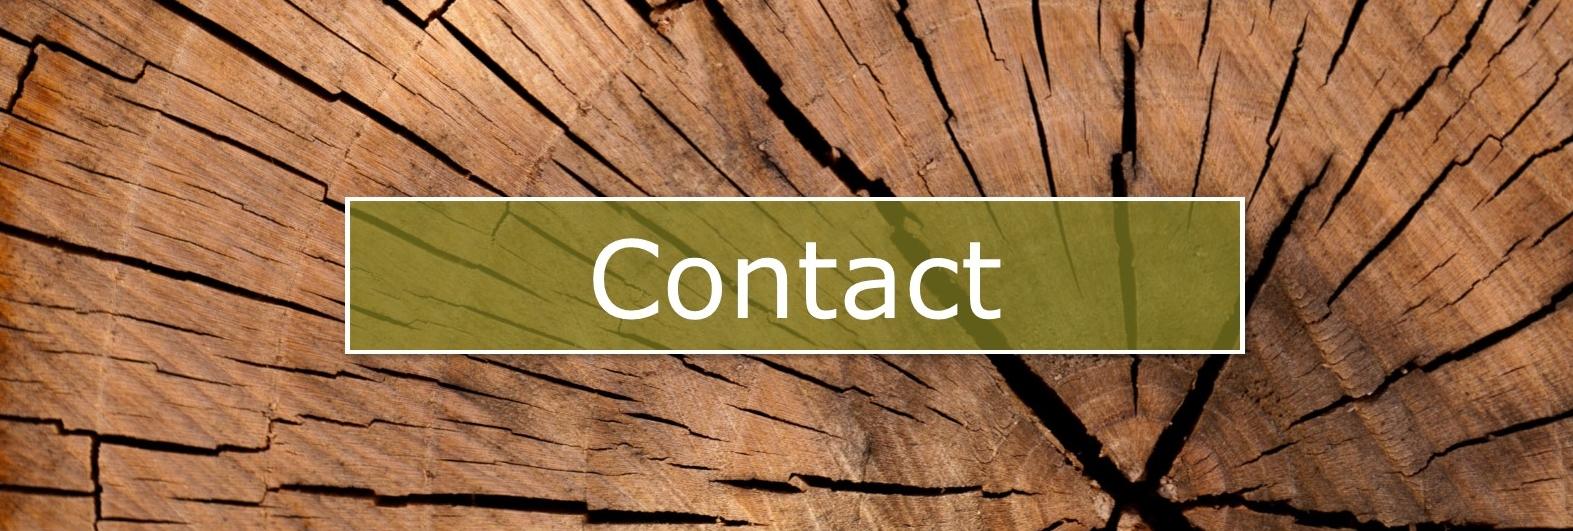 Contact Sylvia van der Laan in Havelterberg, Steenwijk, Meppel, Overijssel bij stress, trauma, depressie en burnout